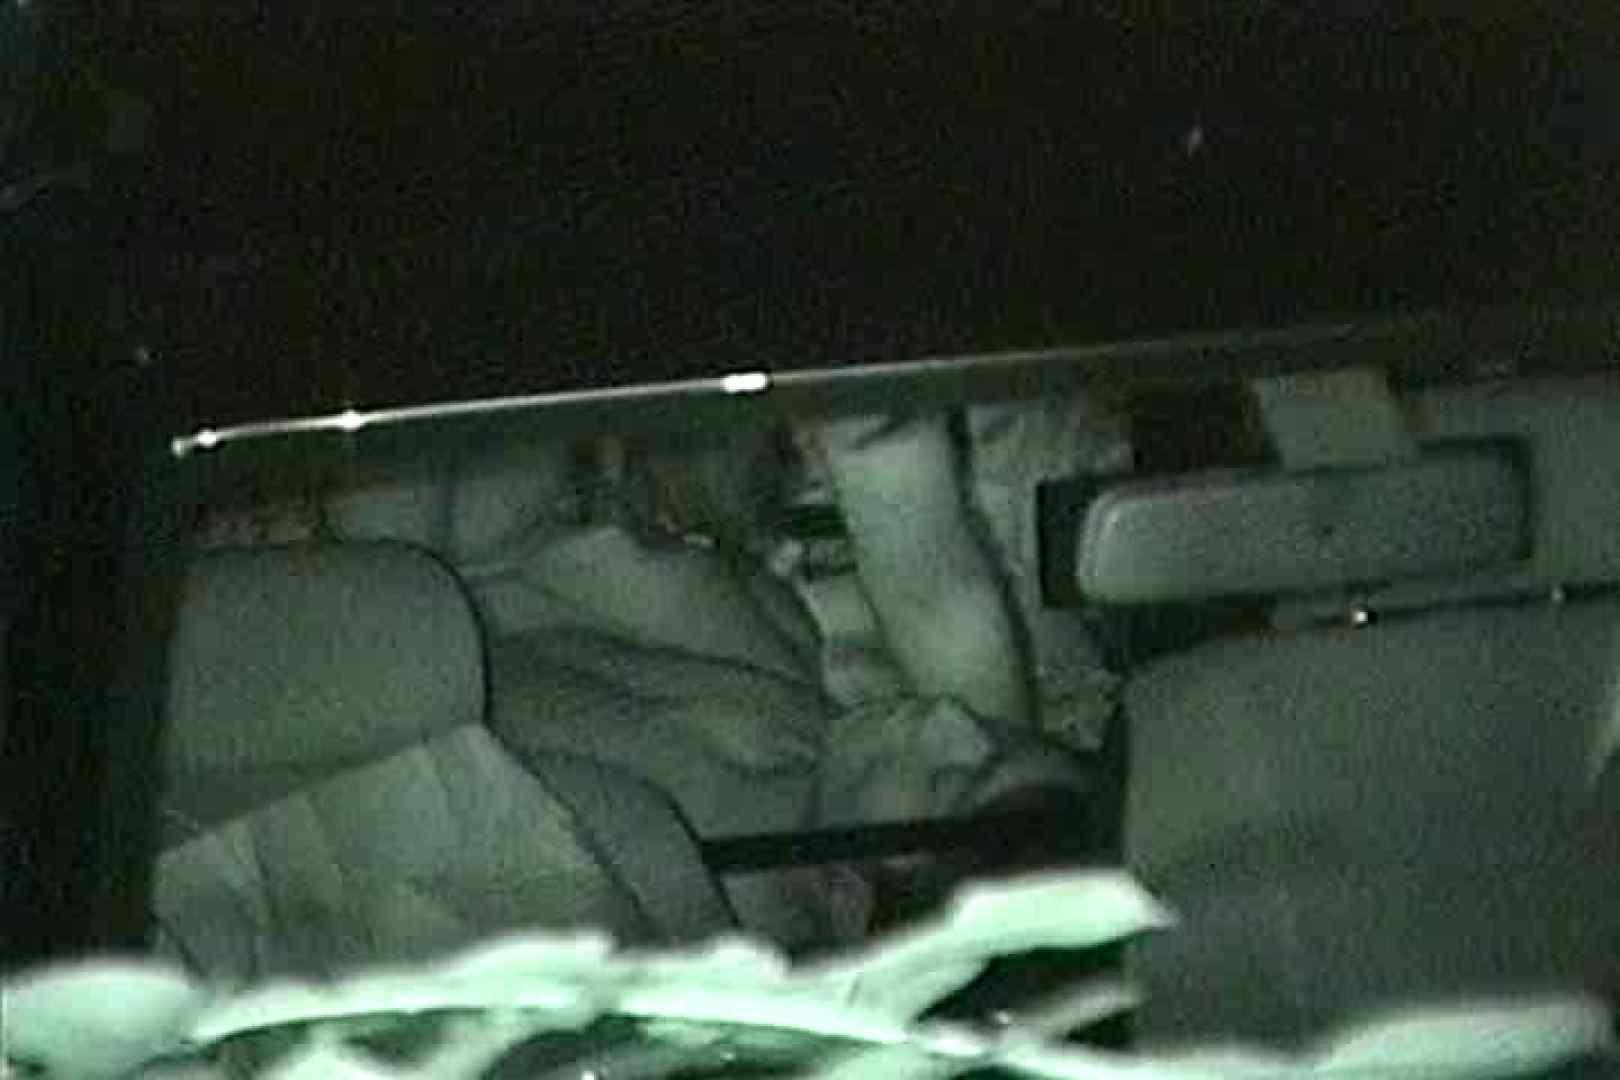 車の中はラブホテル 無修正版  Vol.8 望遠 のぞき動画画像 102PIX 5